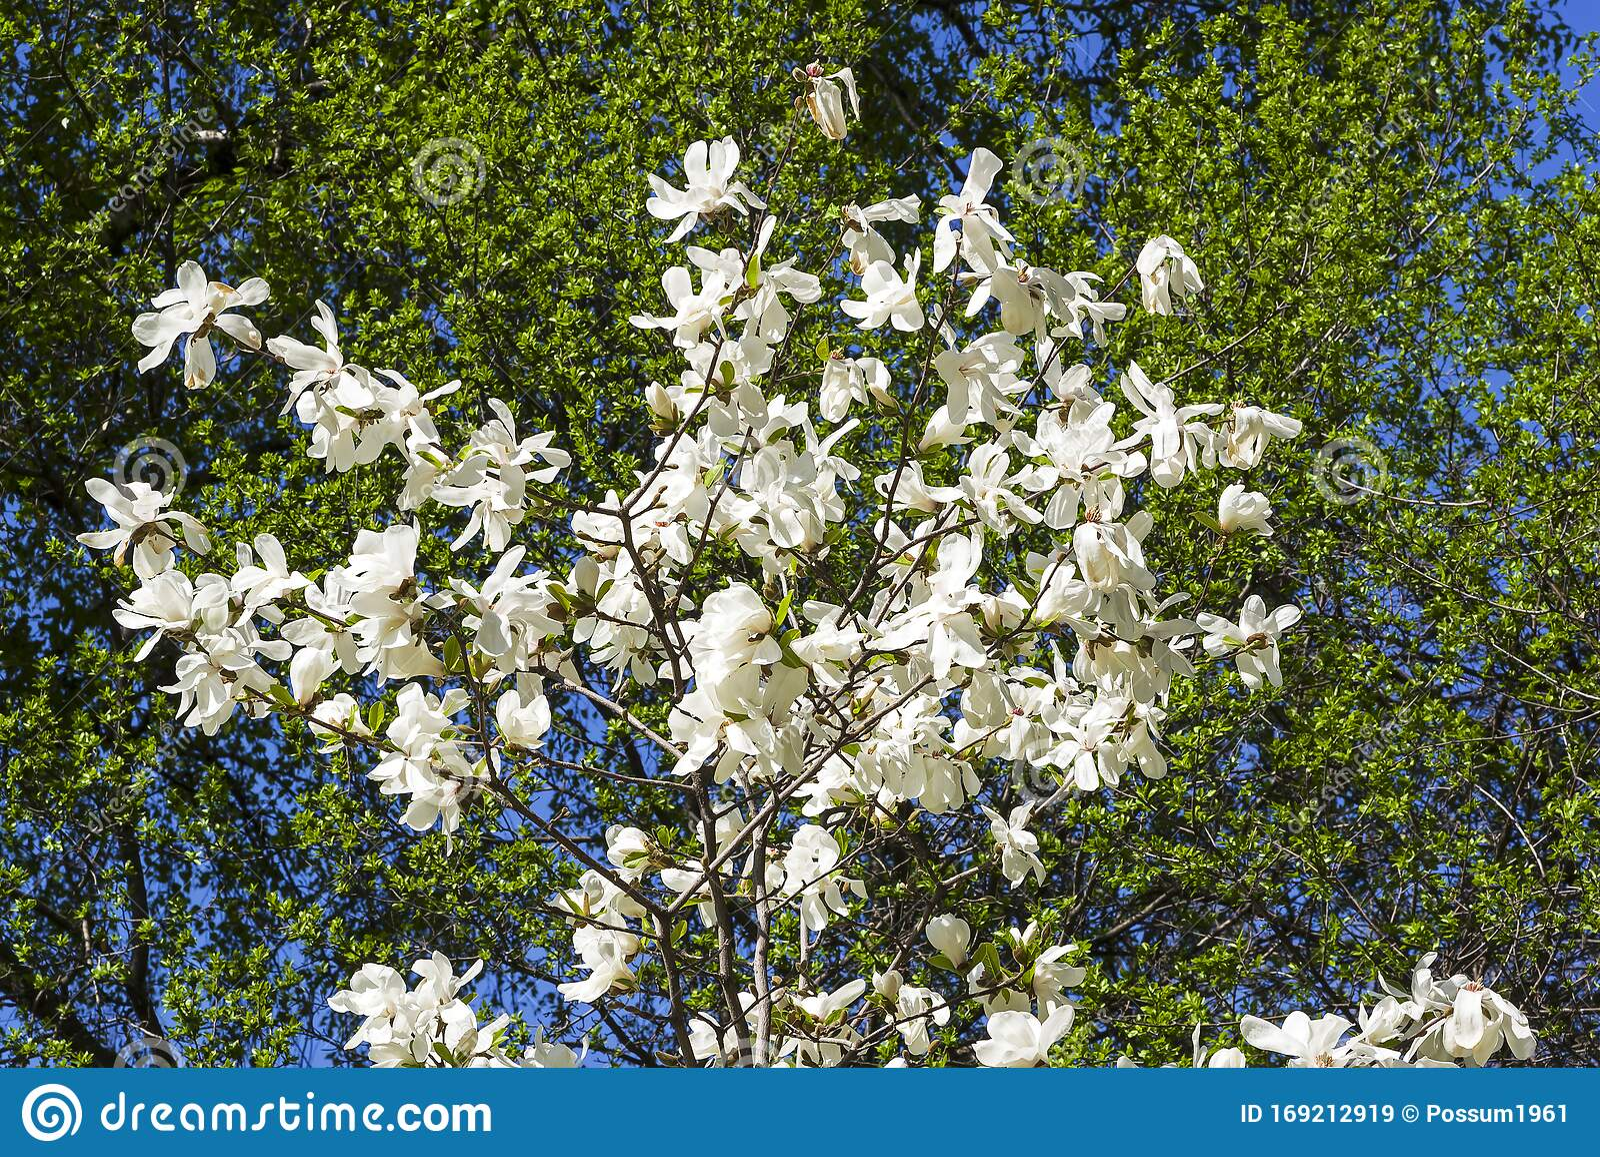 Blooming Magnolia Loebneri Stock Image Image Of Gardening 169212919